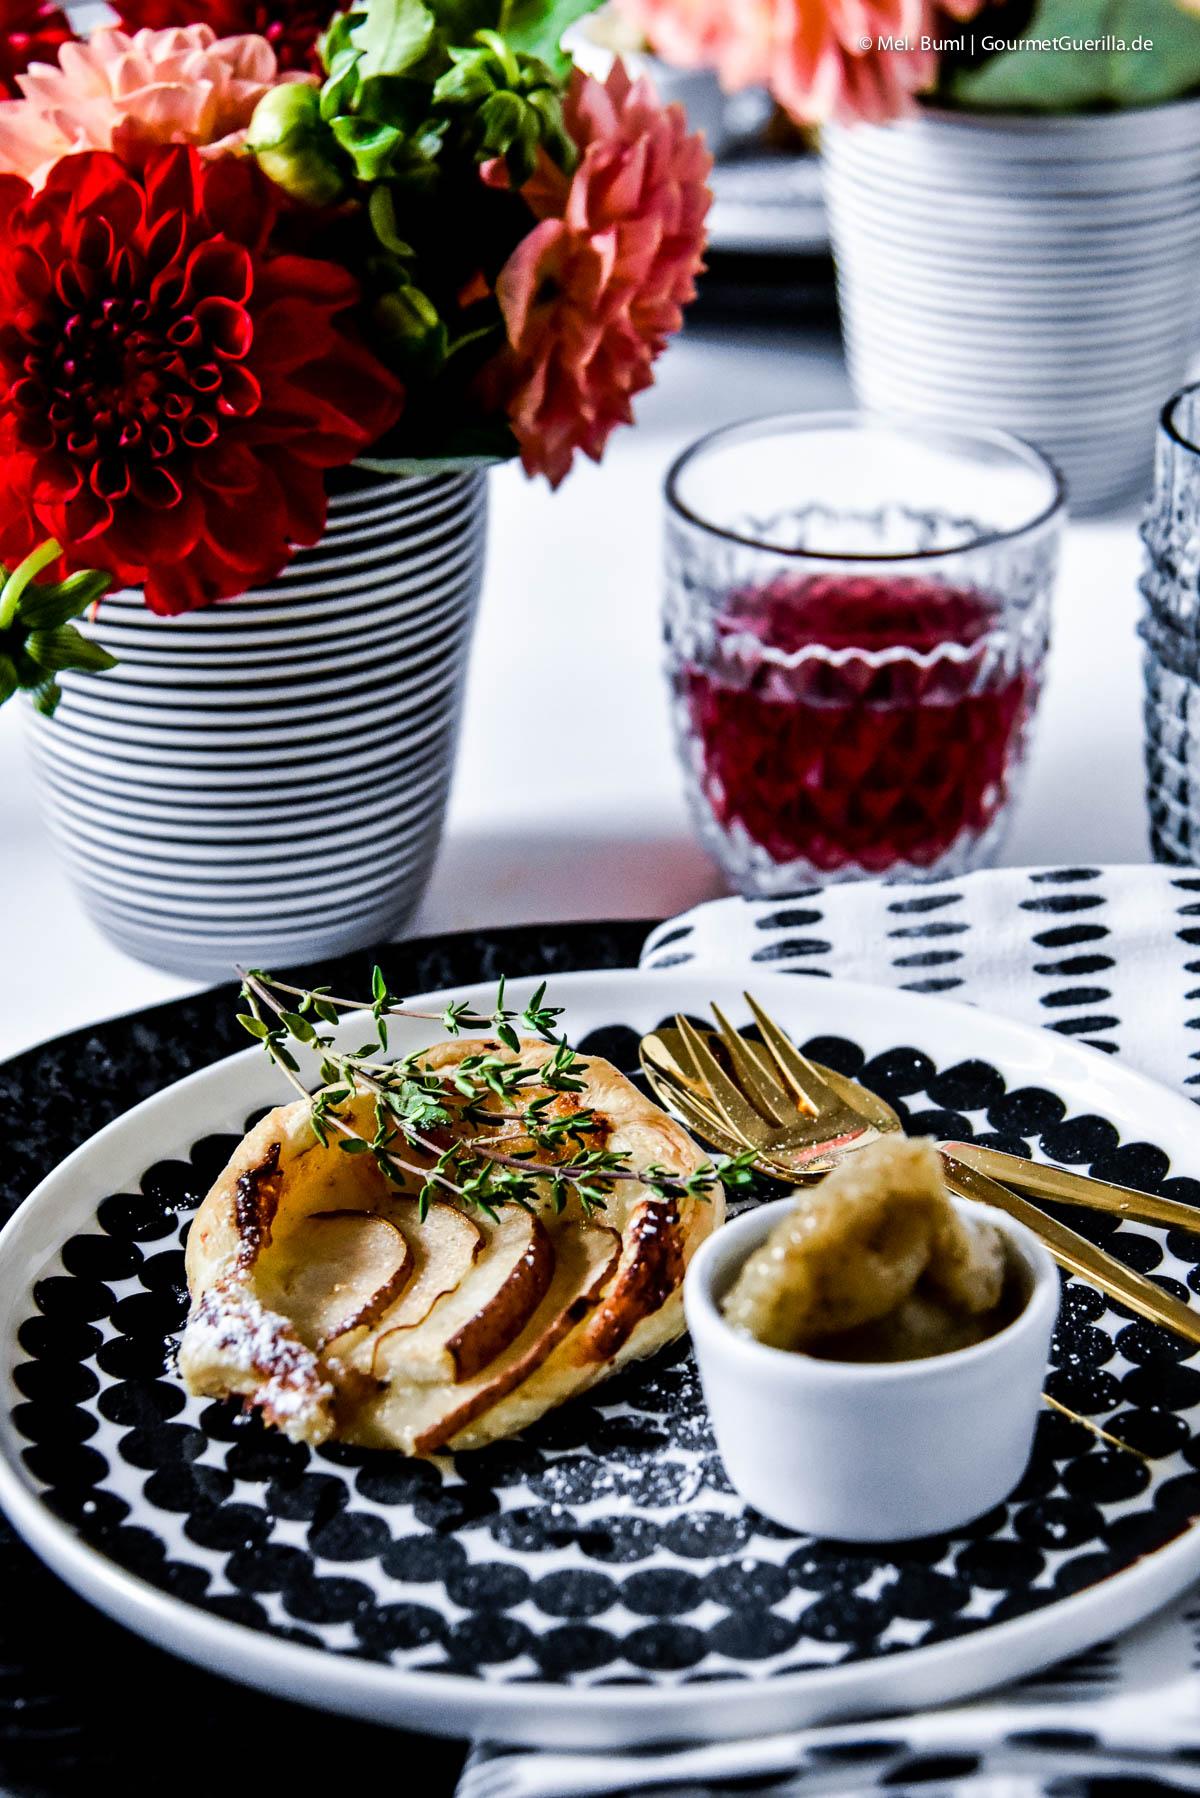 Kleine Käse-Birnen-Quiche mit schnellem Birnen-Kardamom-Sorbet |GourmetGuerilla.de